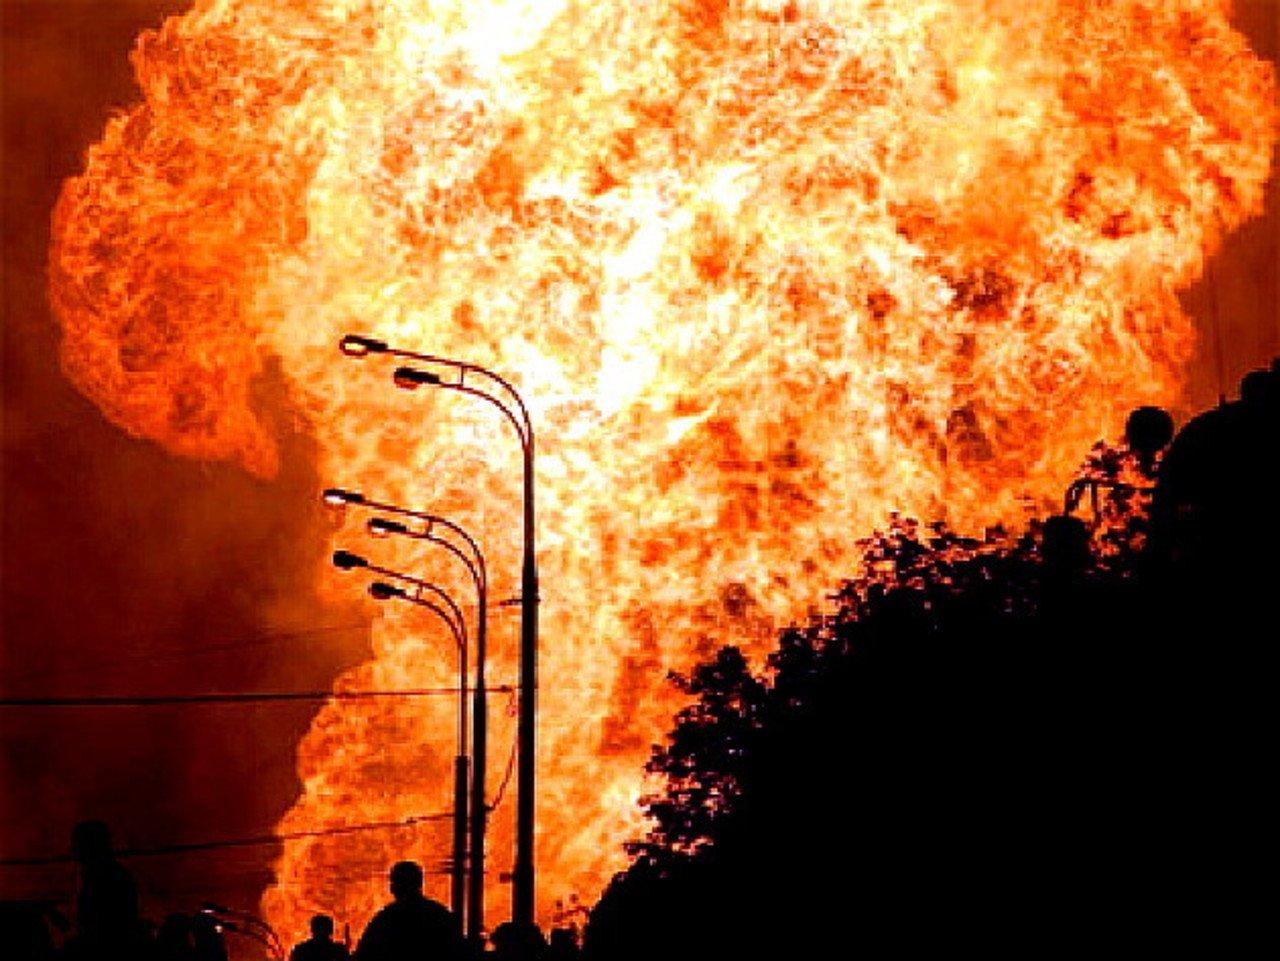 Fox: наскладе UPS вштате Кентукки произошел взрыв, есть пострадавшие